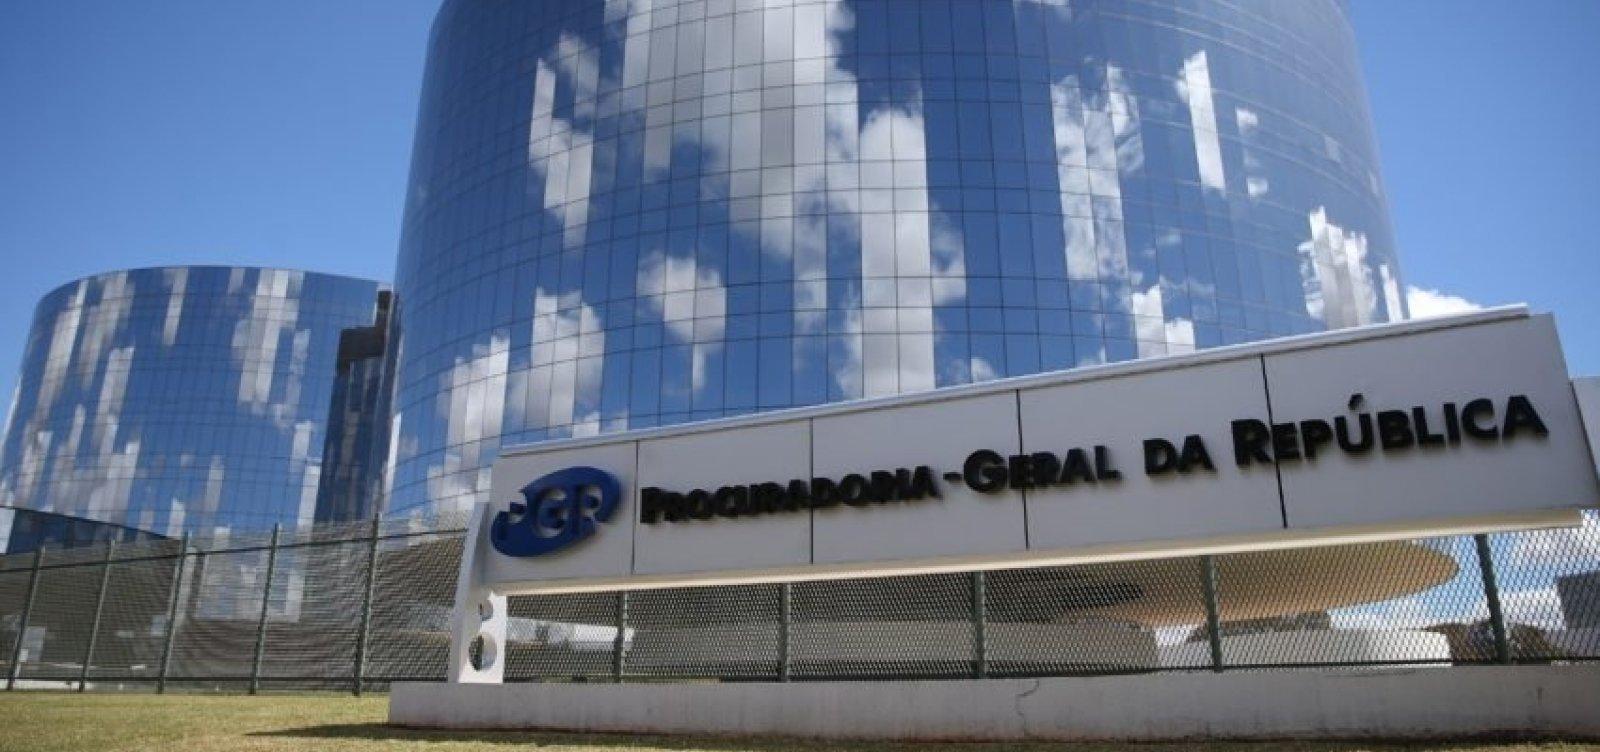 [Lava-Jato rejeita pedido da PGR para ter acesso a dados de investigações]